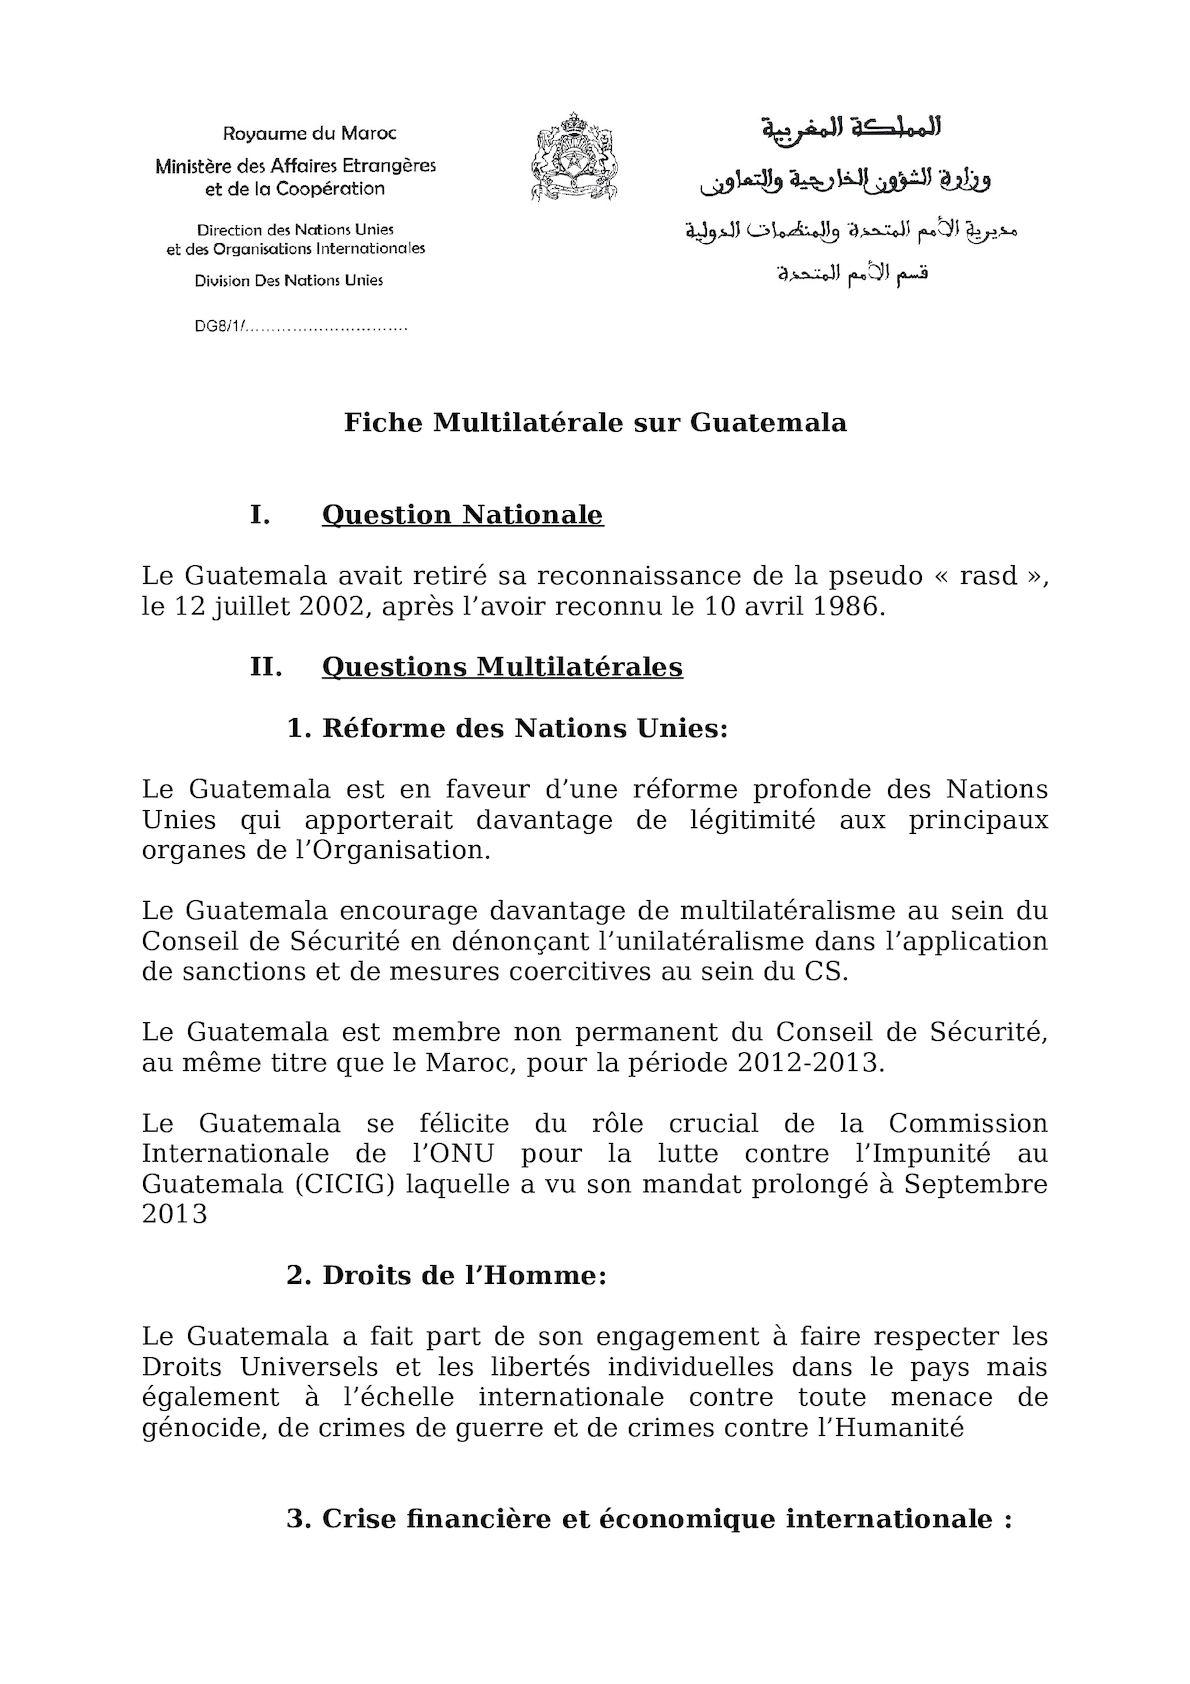 Fiche Multilatérale Guatemala Juin 2012